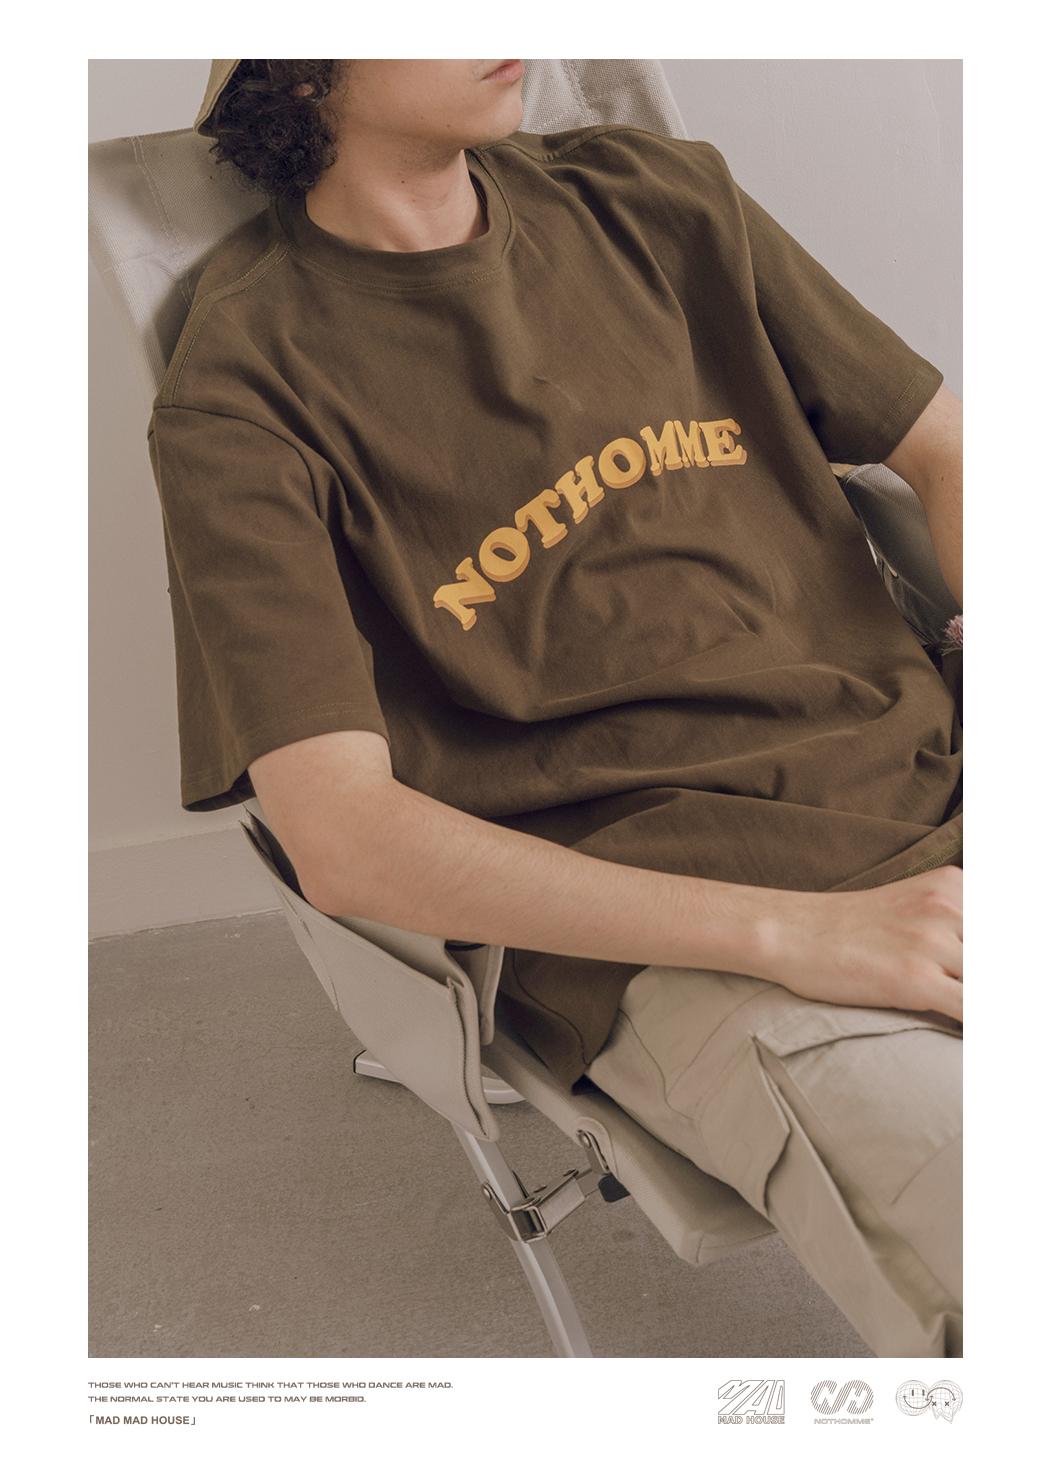 潮牌印花情侣款宽鬆情侣短袖男装夏季学院风恤详细照片